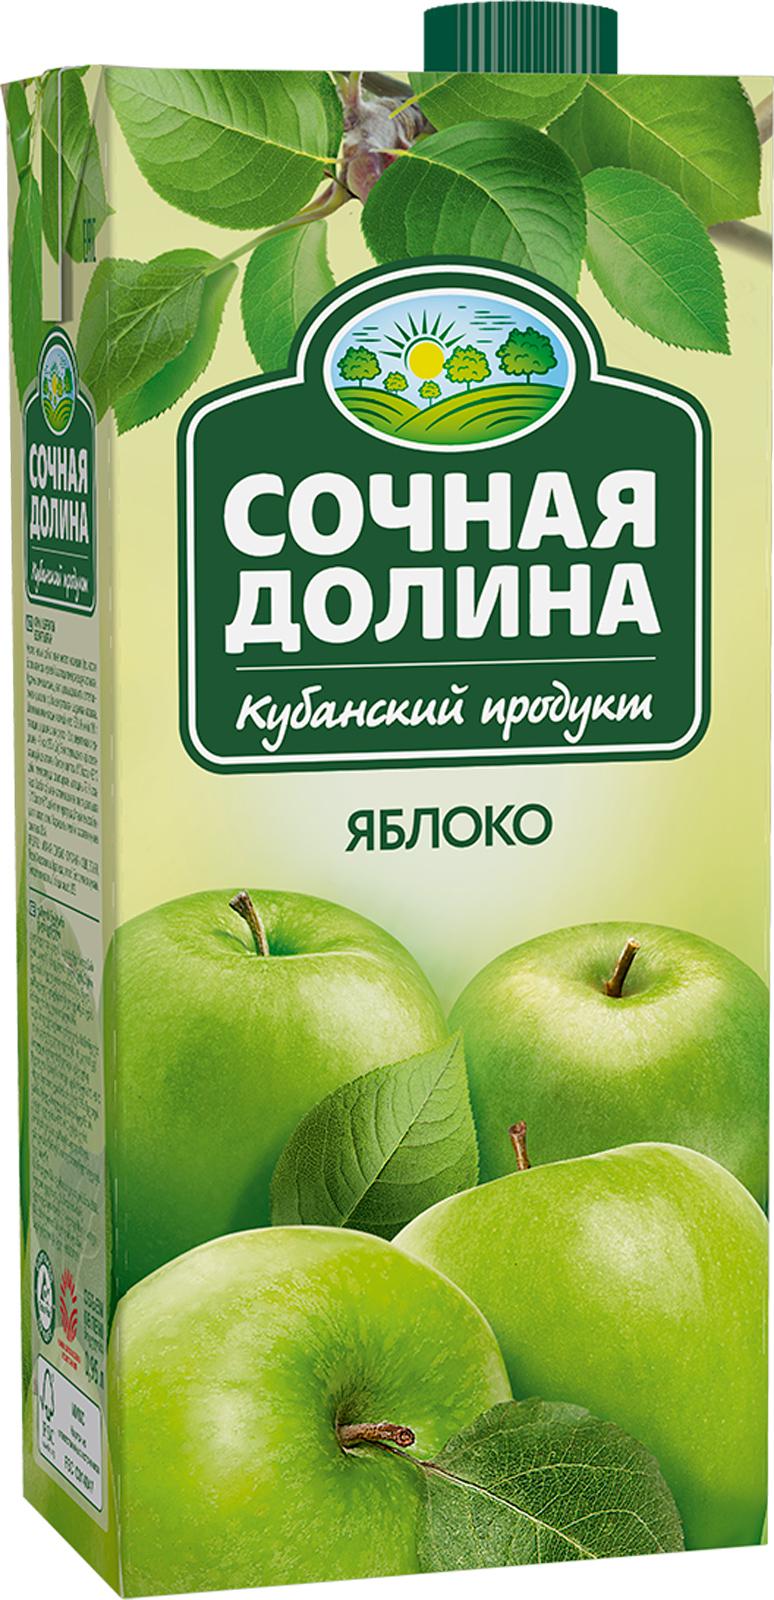 Нектар Сочная Долина яблочный осветленный 950 мл